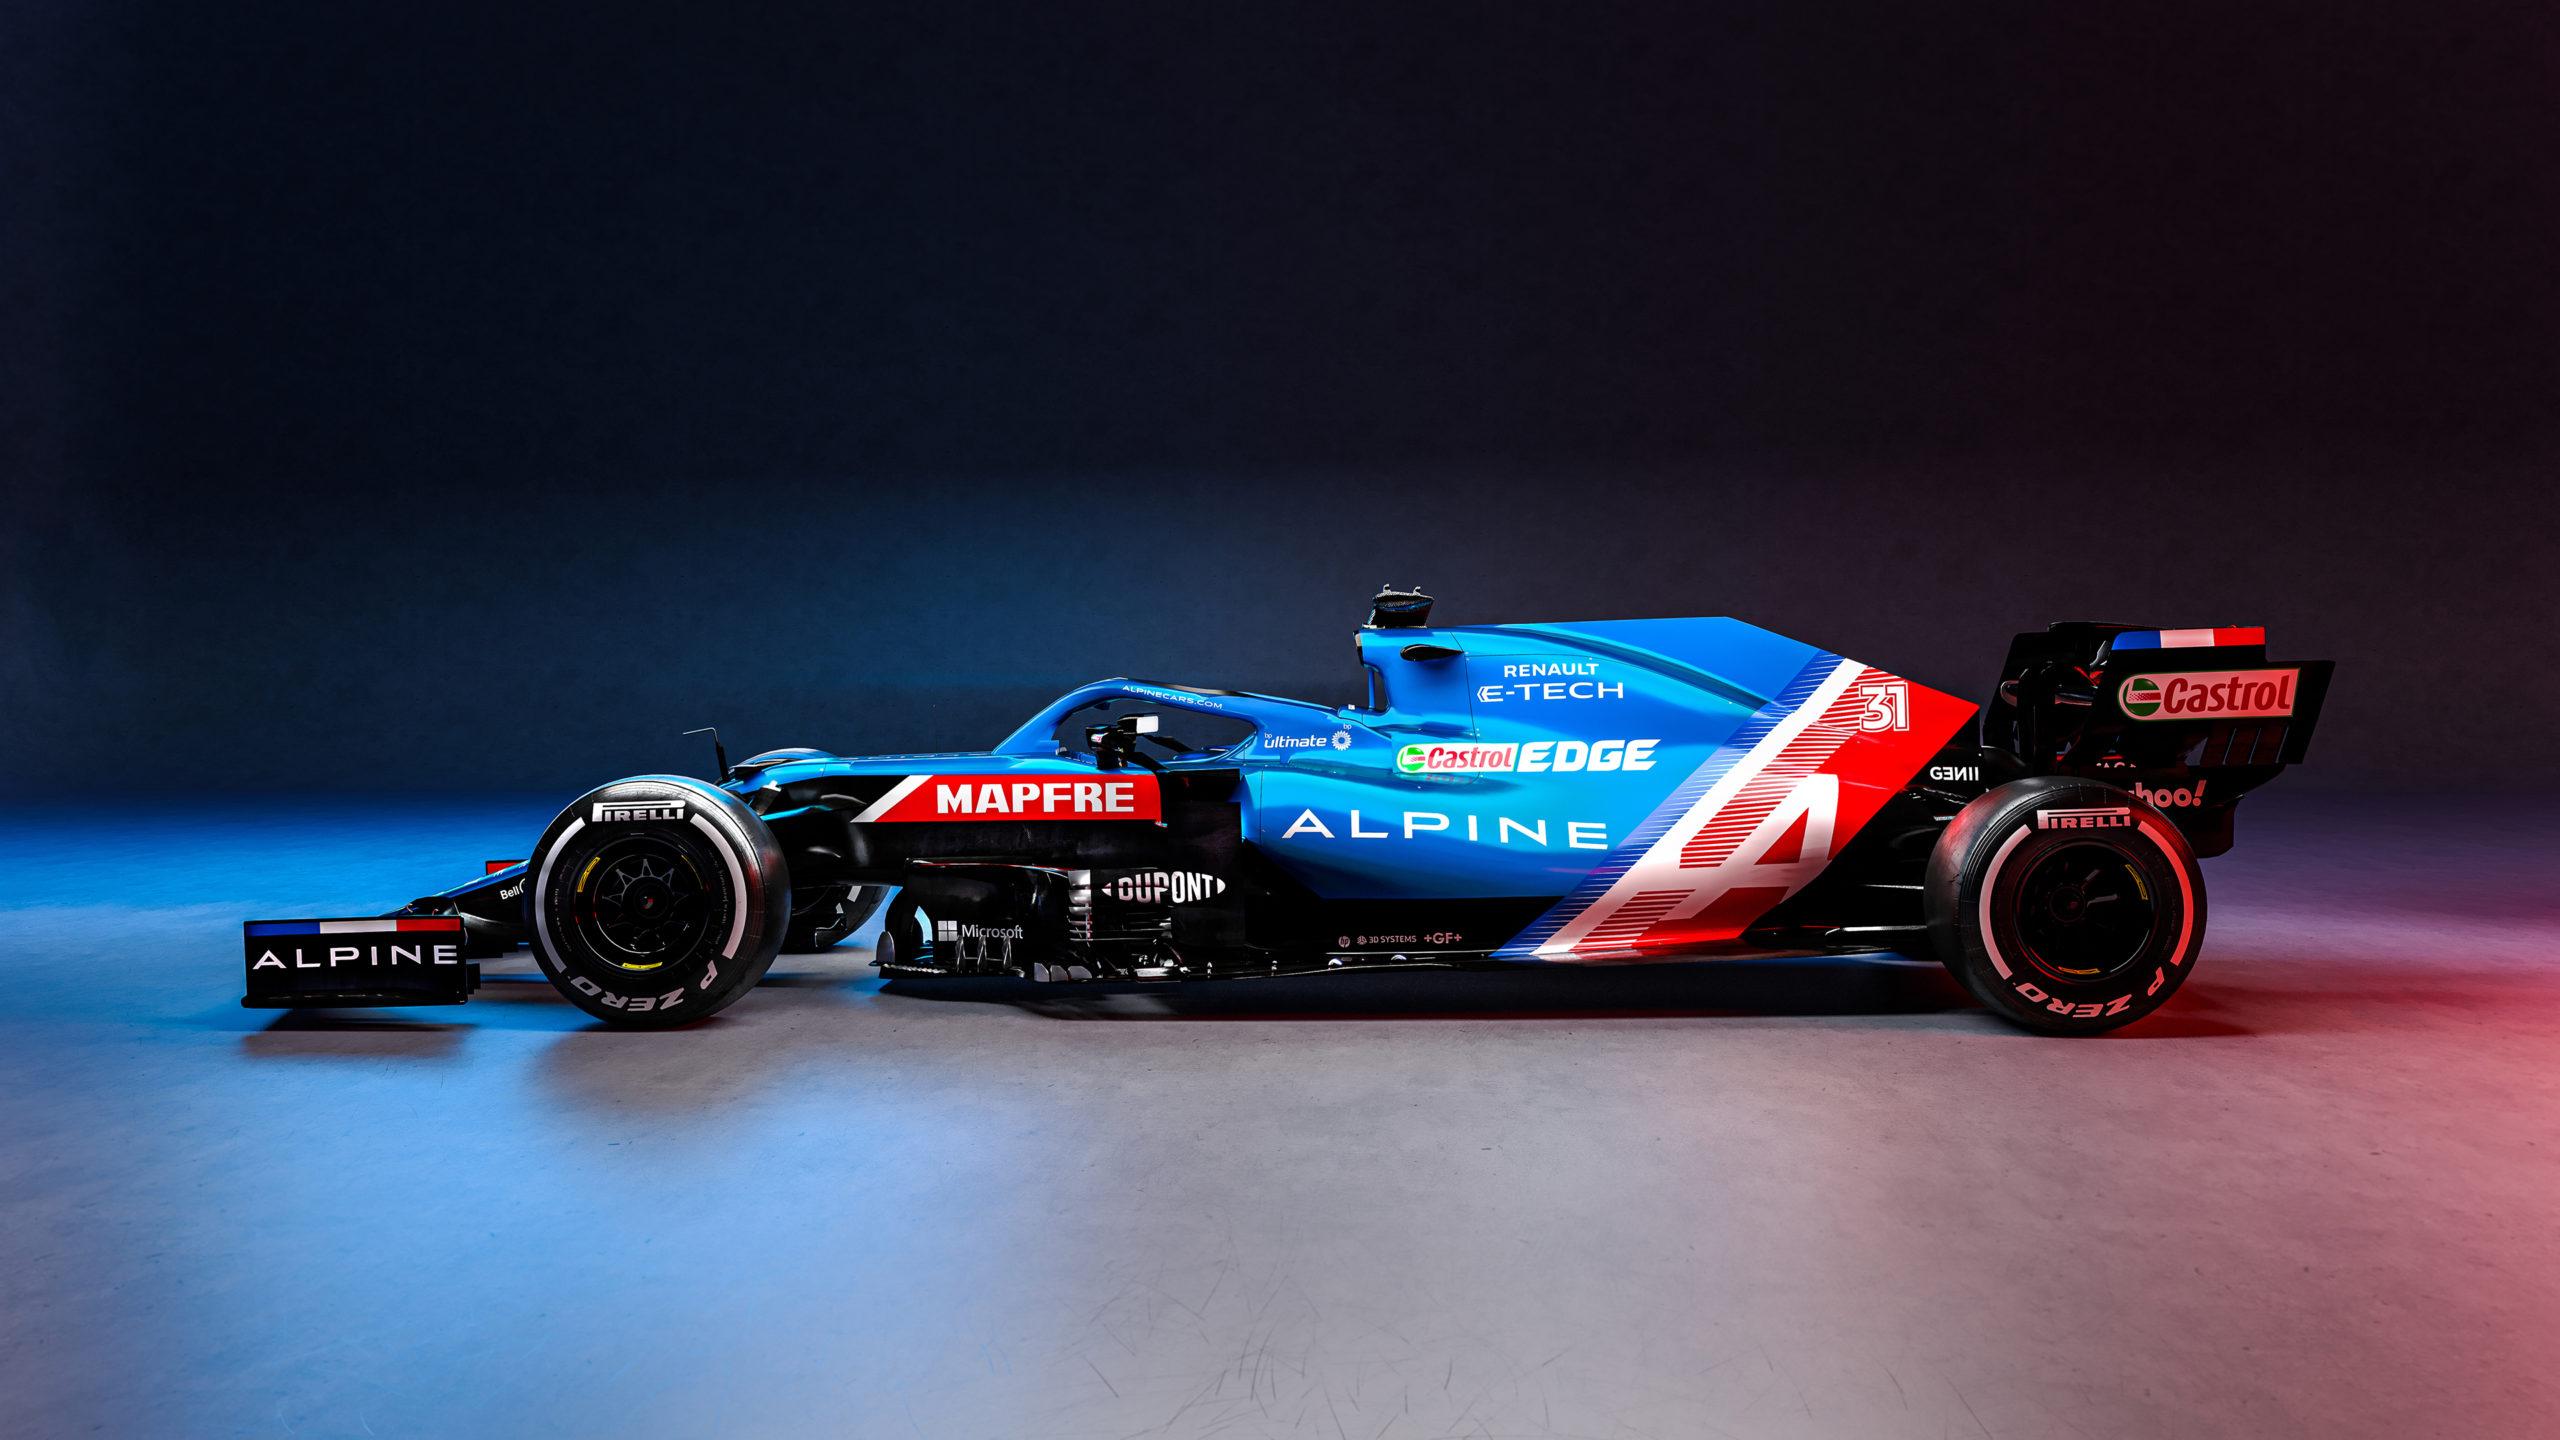 F1 Formula 1 Alpine A521 car launch